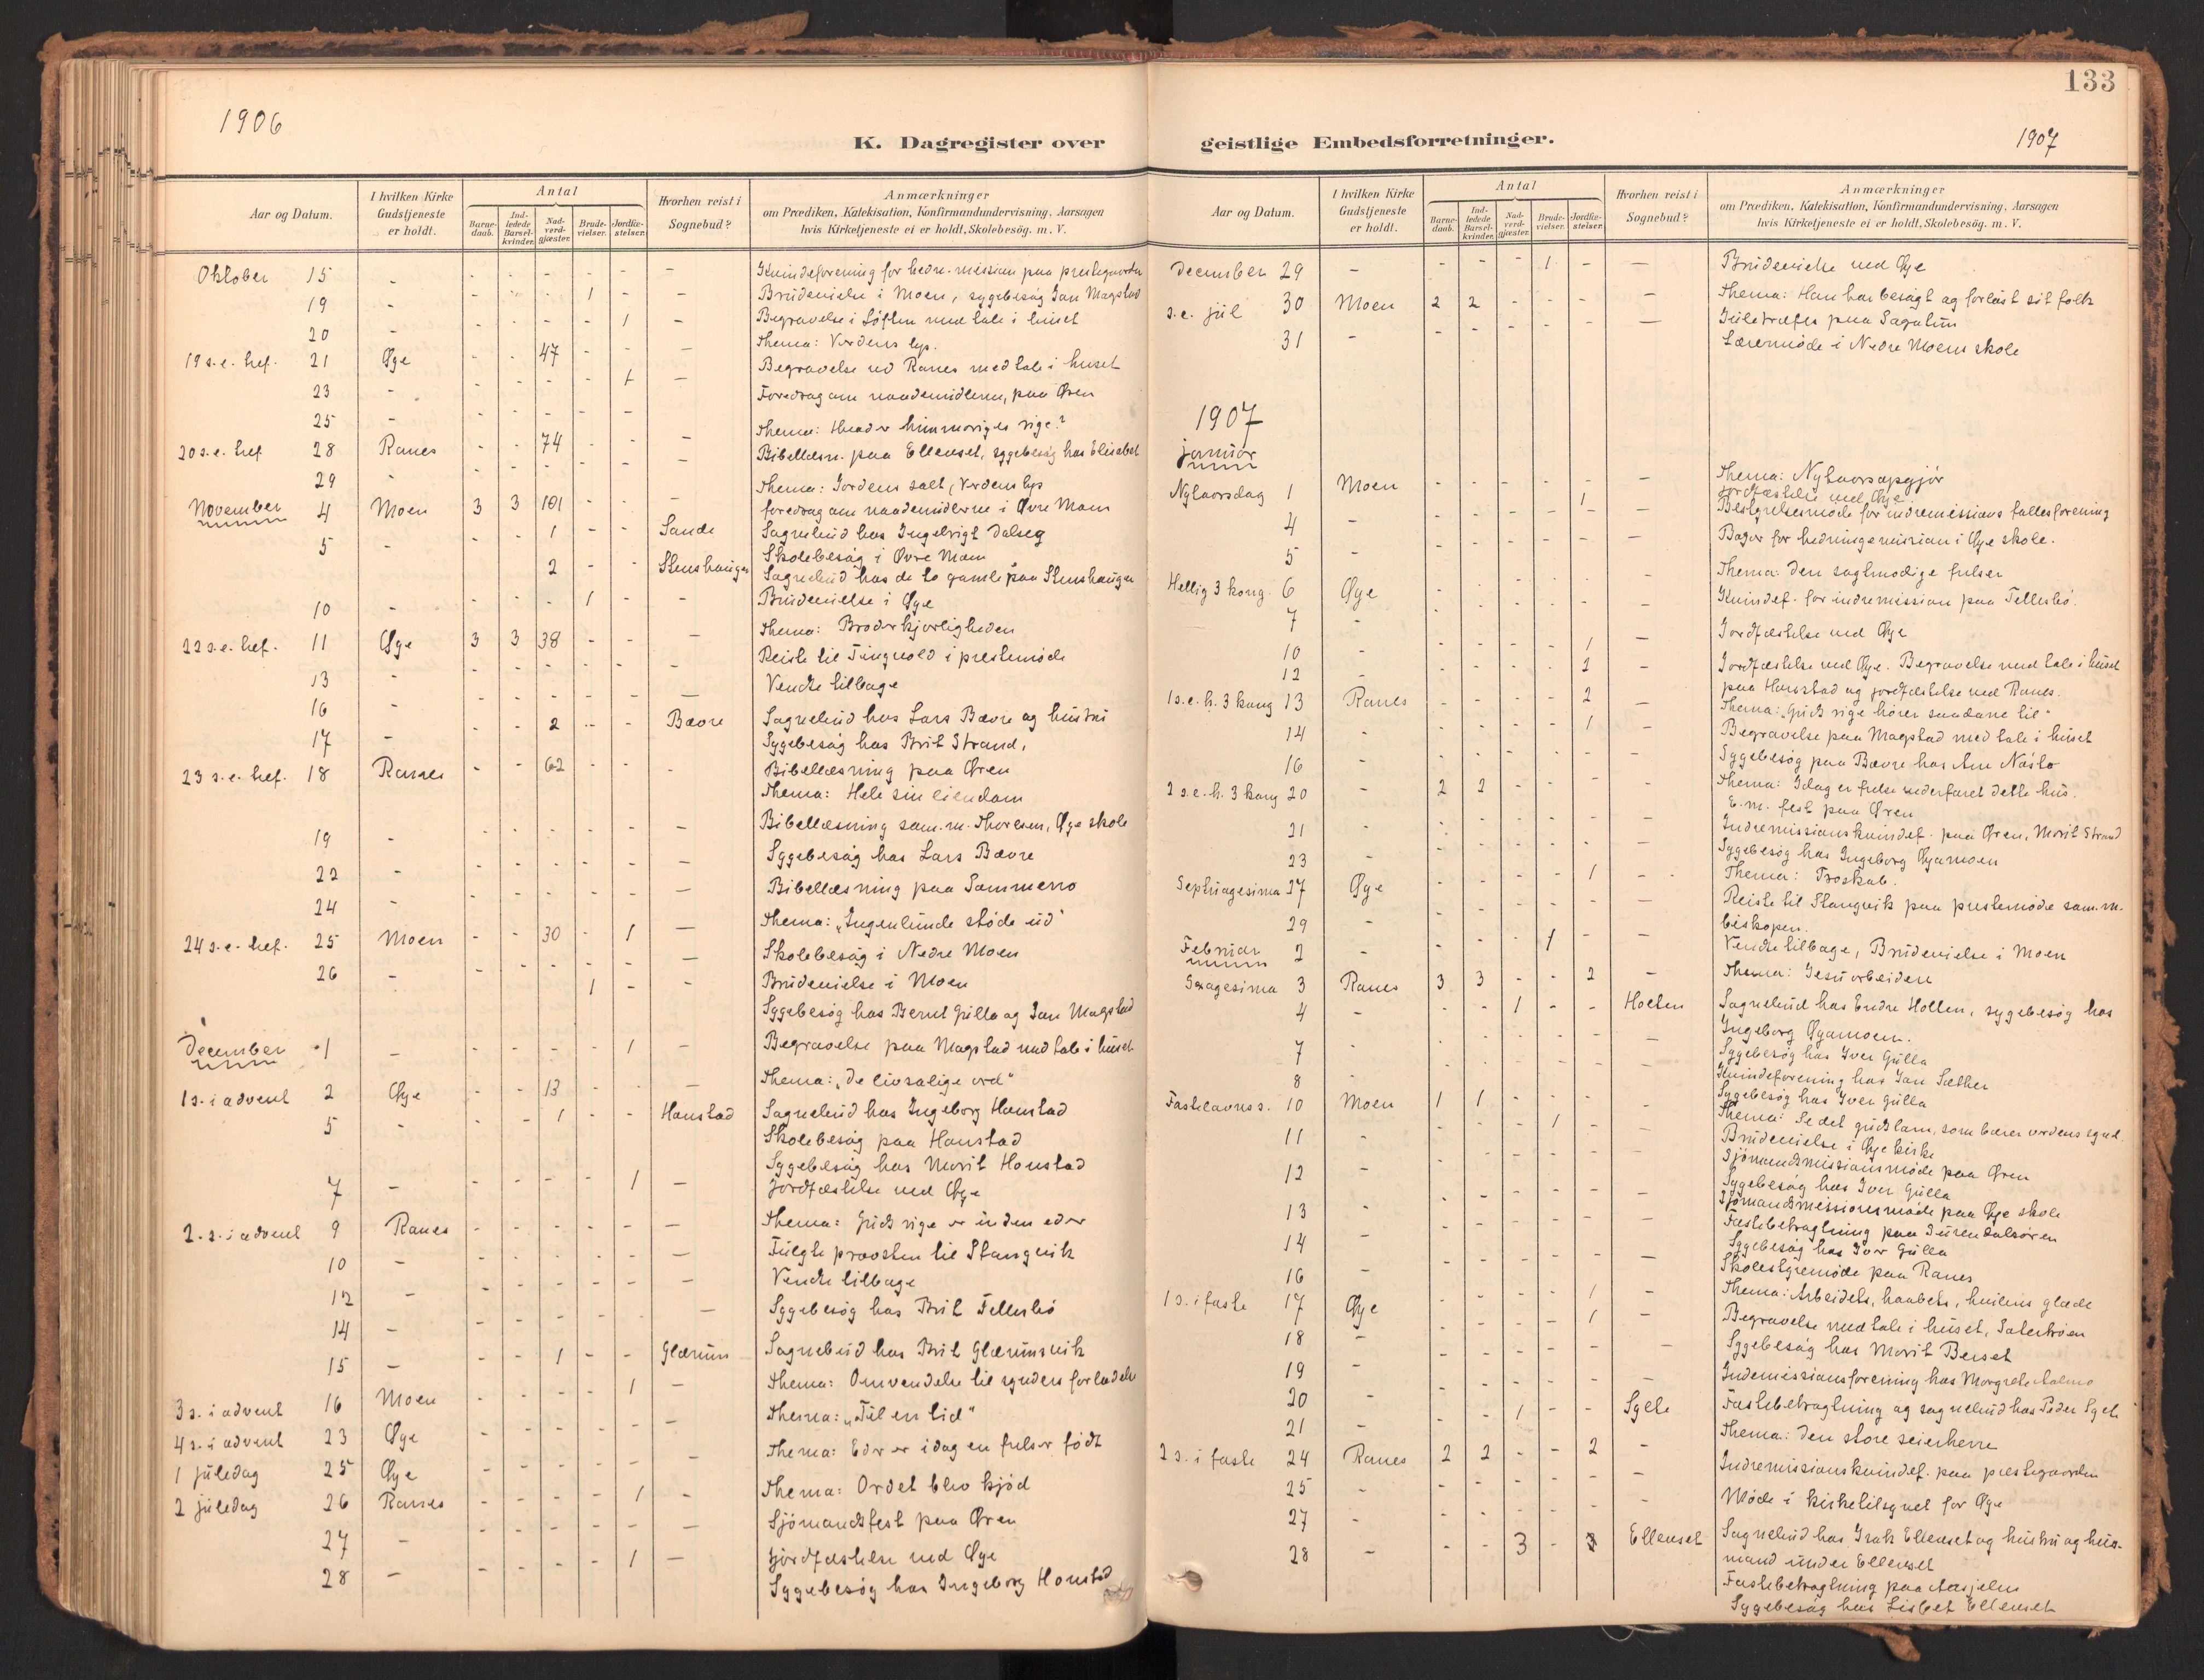 SAT, Ministerialprotokoller, klokkerbøker og fødselsregistre - Møre og Romsdal, 595/L1048: Ministerialbok nr. 595A10, 1900-1917, s. 133